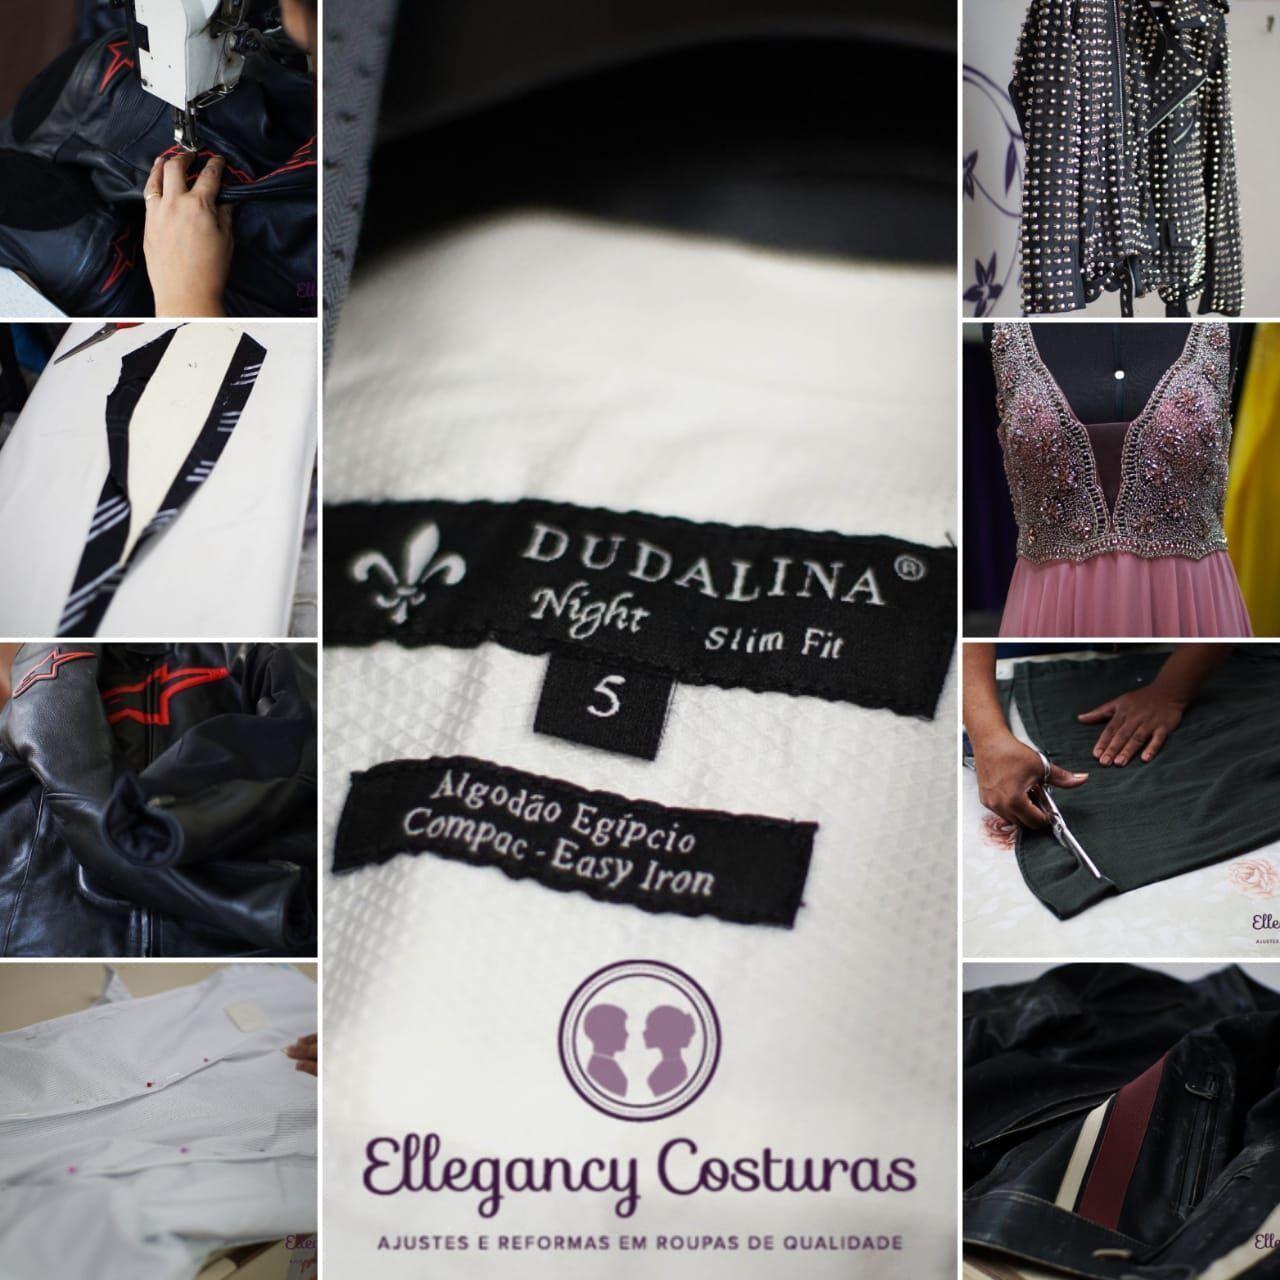 preciso-de-costureira-para-consertar-roupas-2-3971389